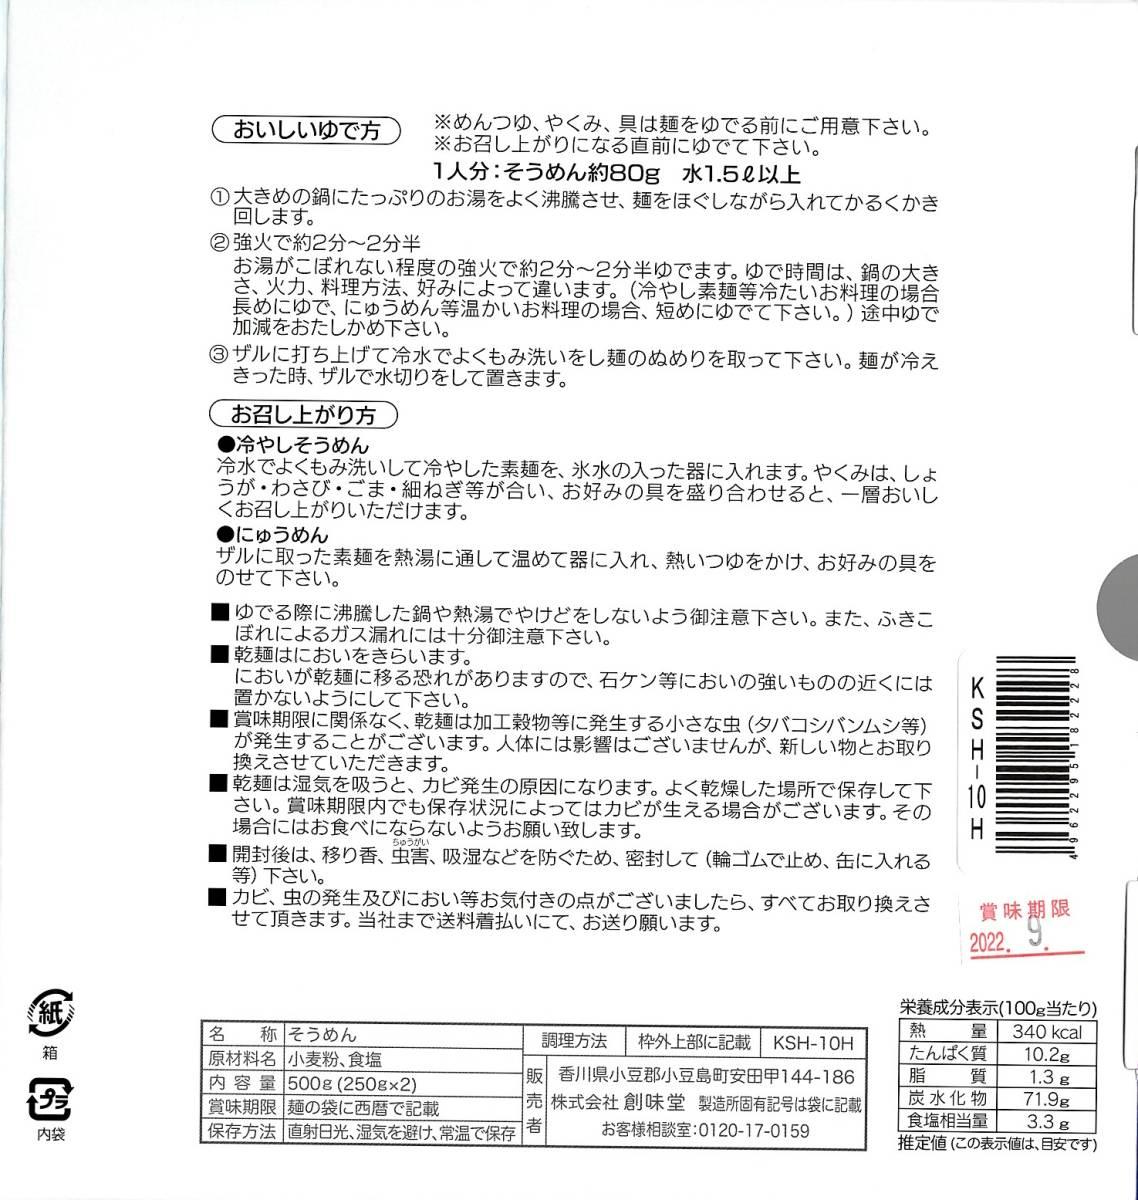 【箱潰し】【計750g(250g×3袋入り)】小豆島素麺 ひんやり涼糸 伝承の技、熟成の美味 絹のようにつややか。つるりと爽やかなのどごし_画像2